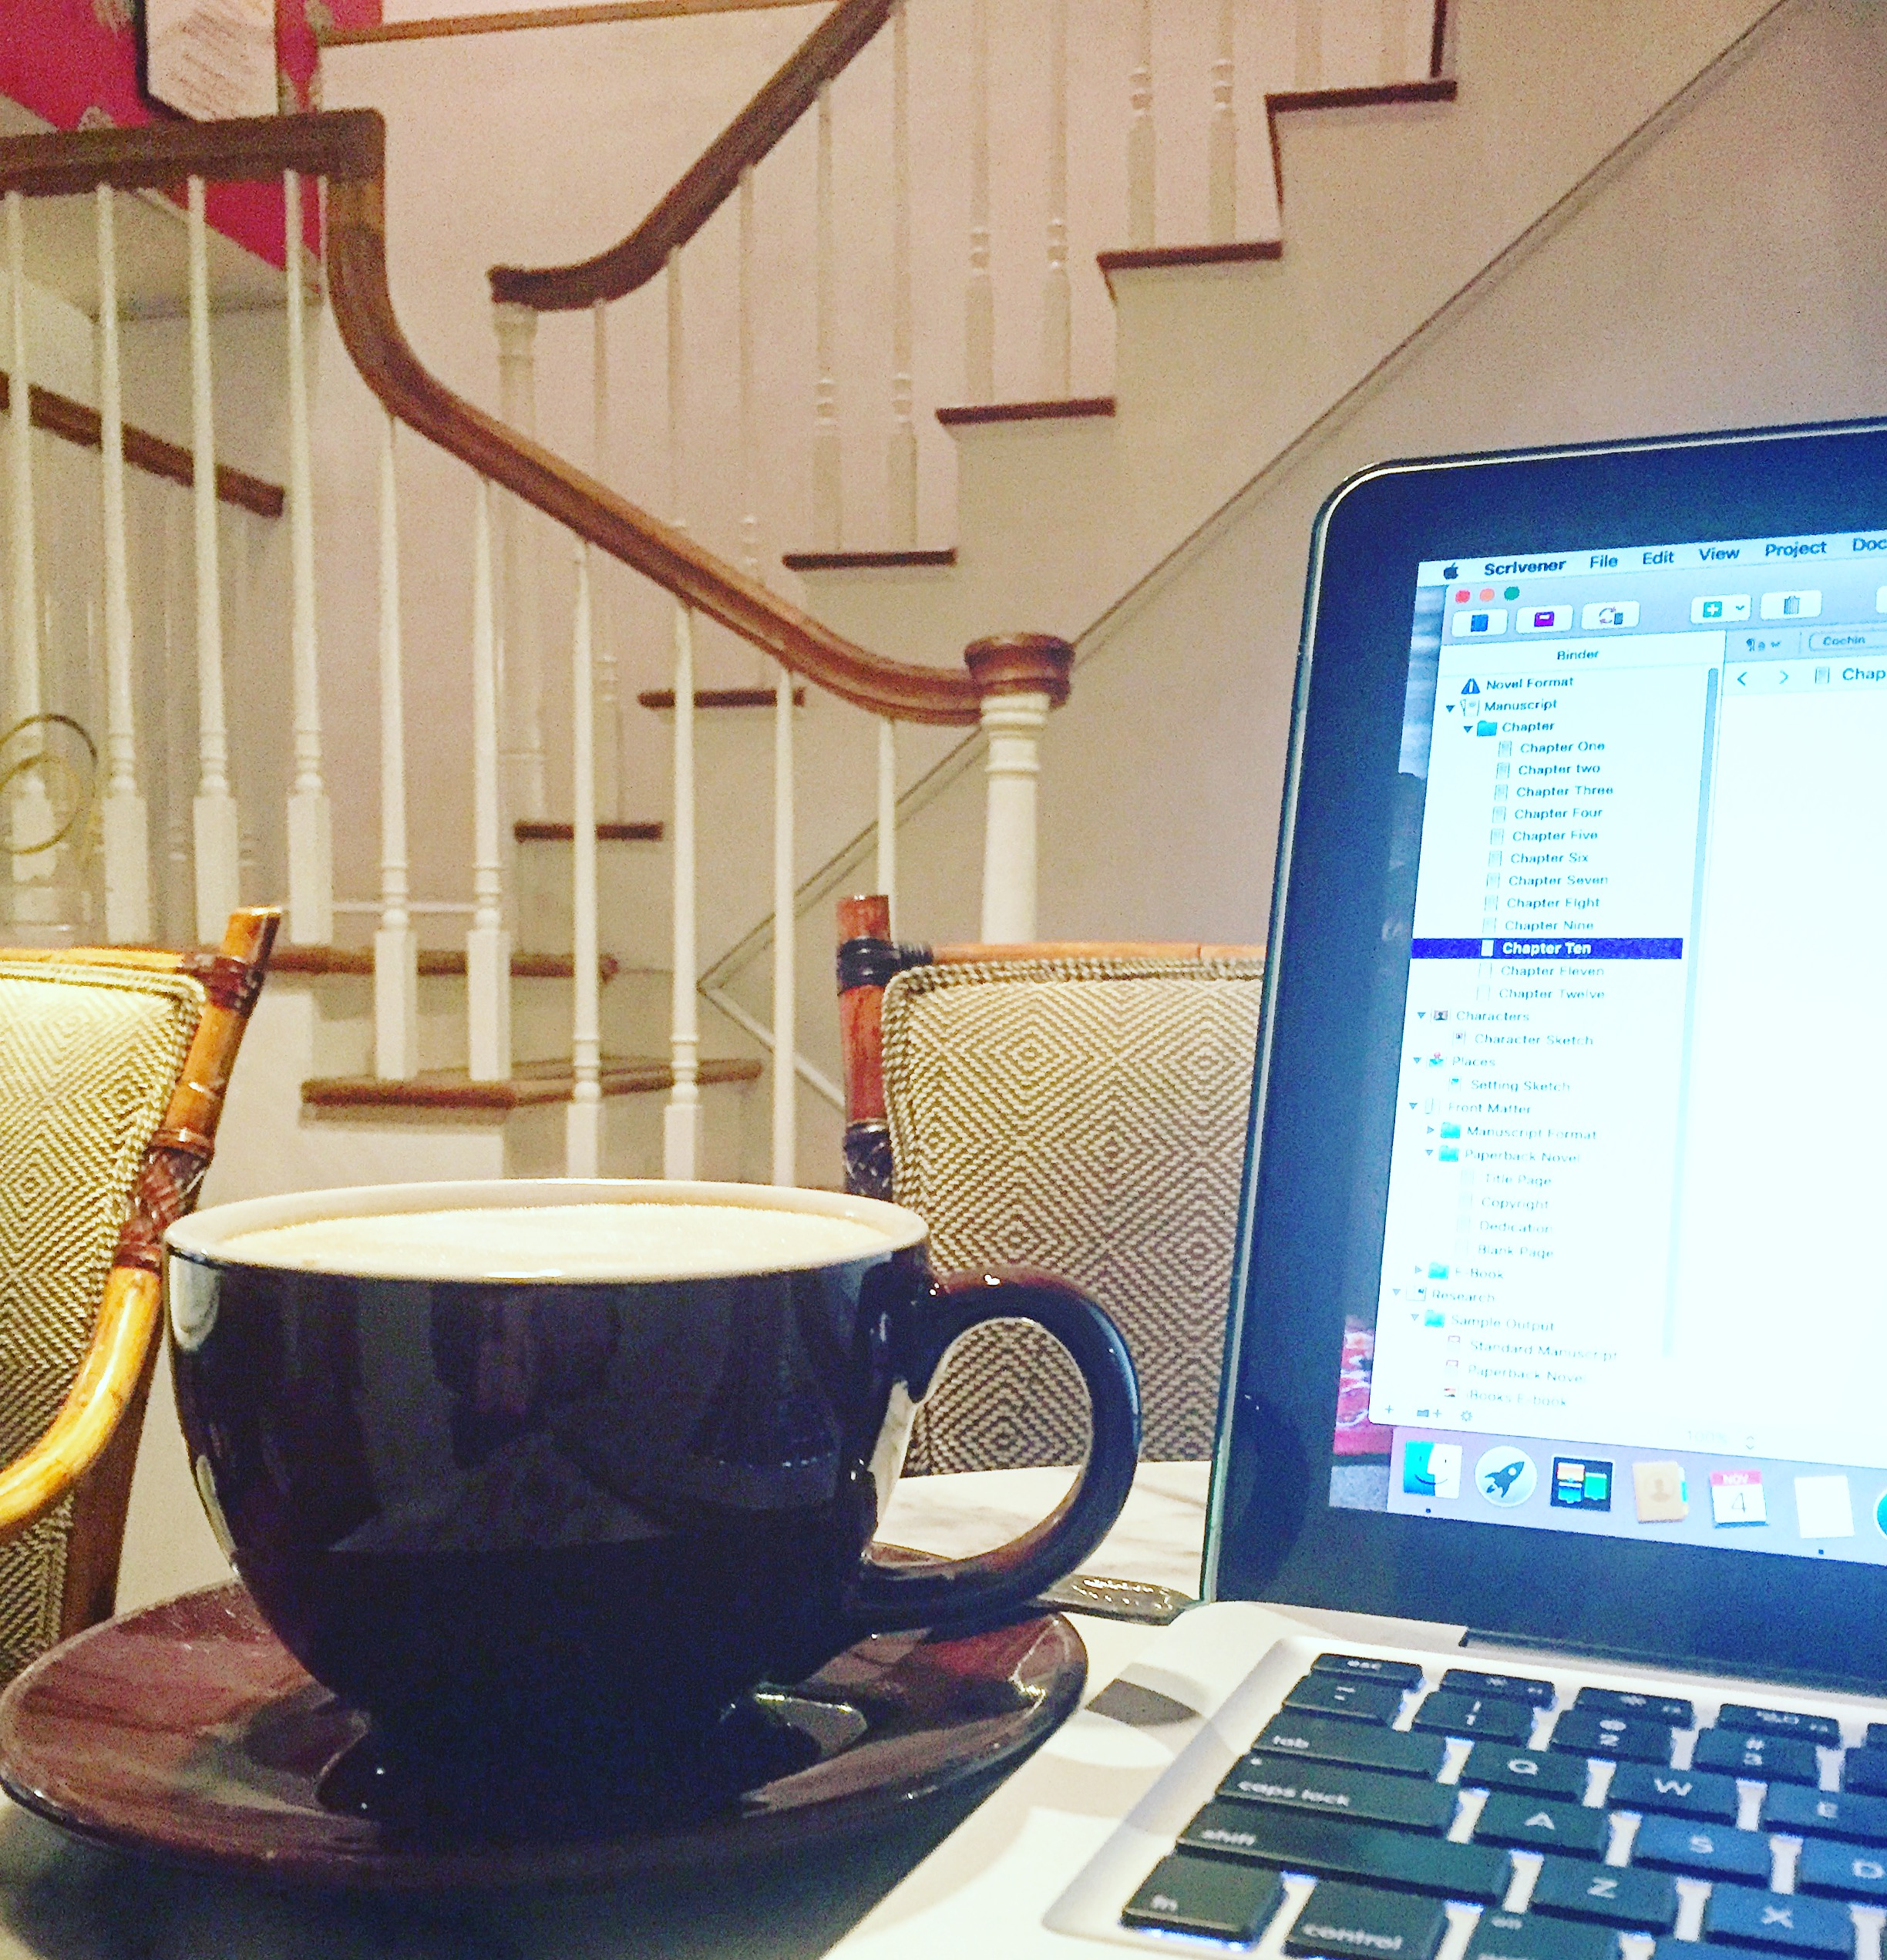 Café Jax: My Writing Home